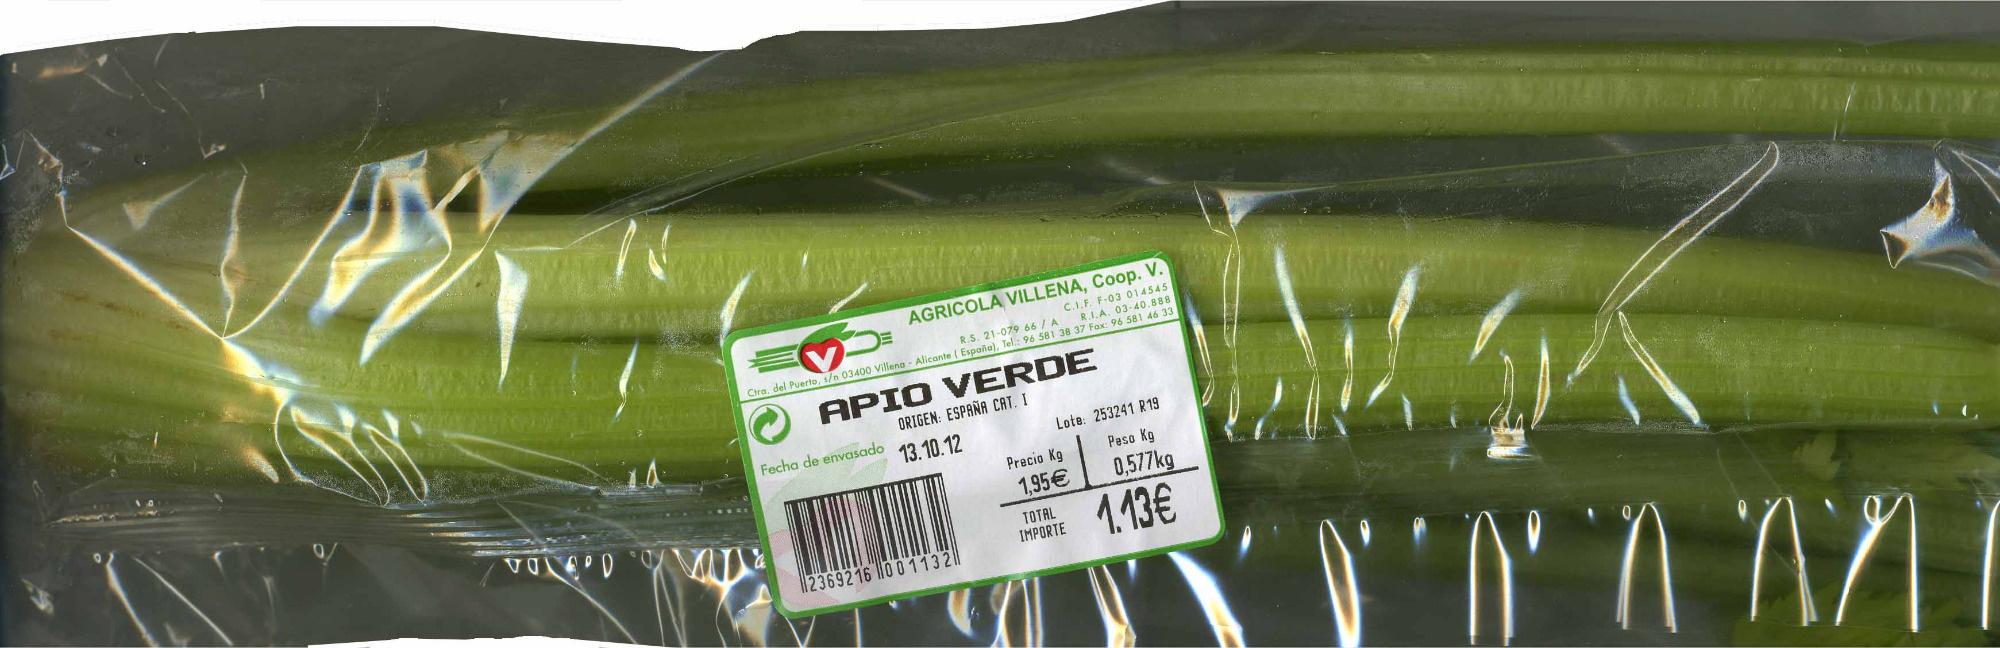 """Apio """"V Agrícola Villena"""" - Producto - es"""